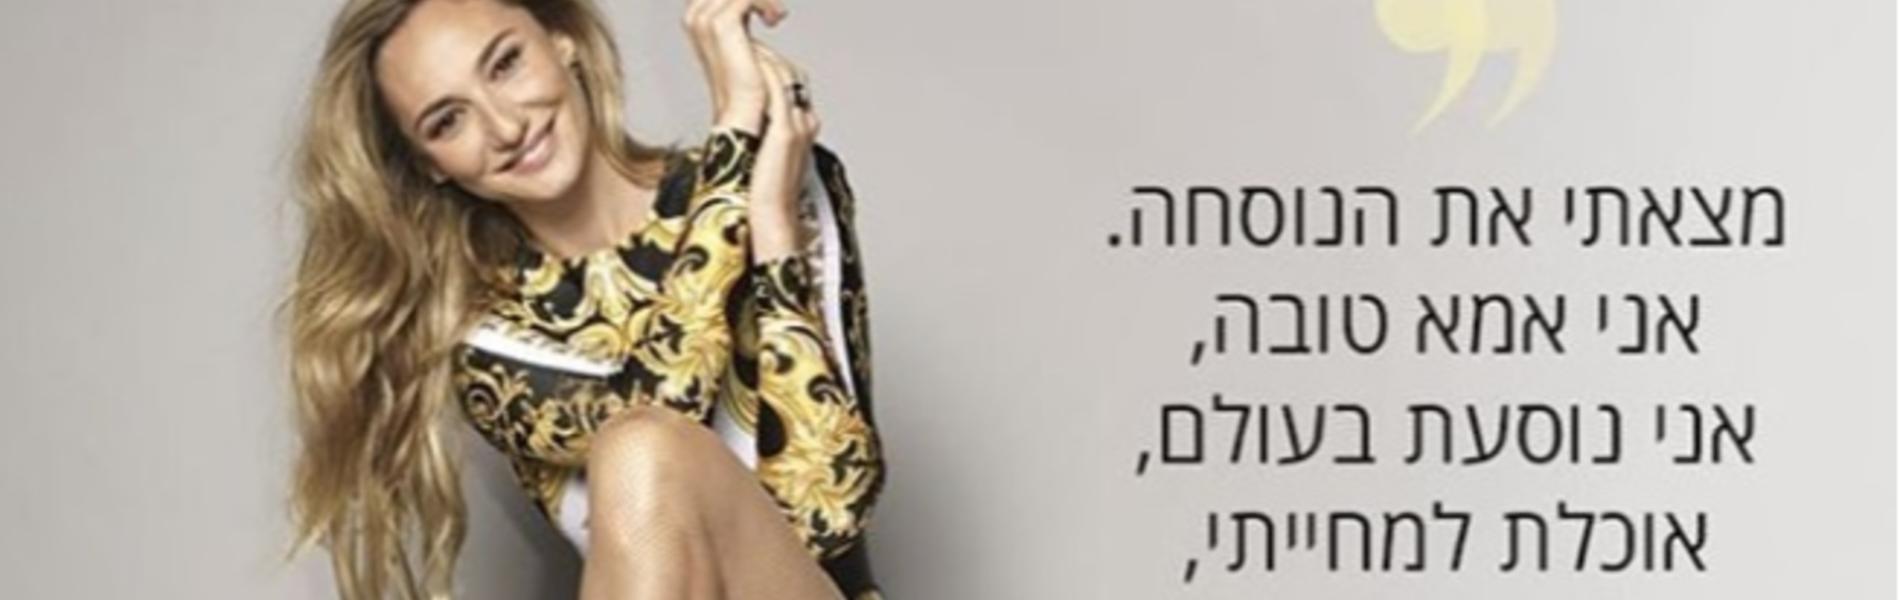 ממיכל אנסקי ועד מיכל צפיר: יש נשים שפמיניסטיות אוהבות לתקוף